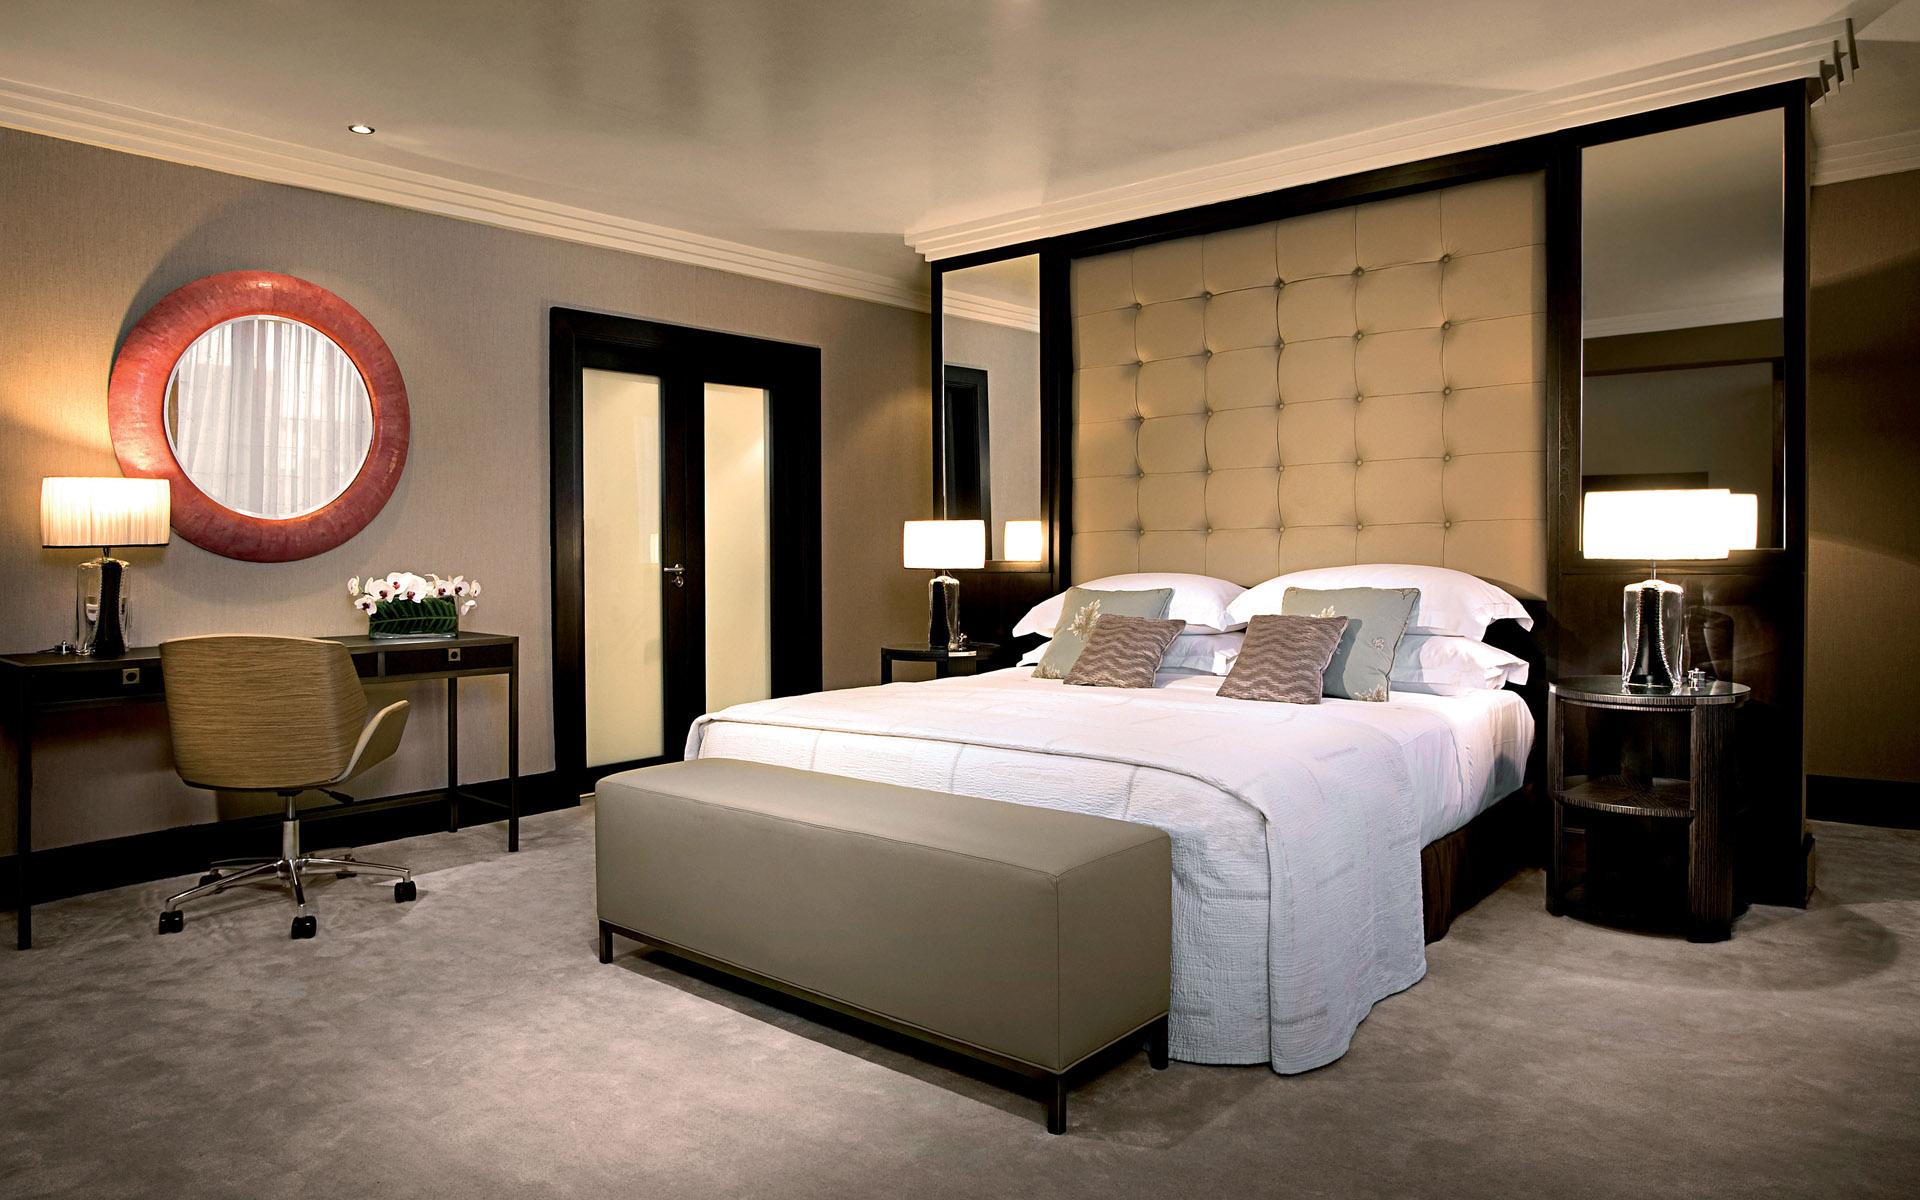 interior design bedroom 50 best bedroom interior design 2017 - bedroom UQMELOG